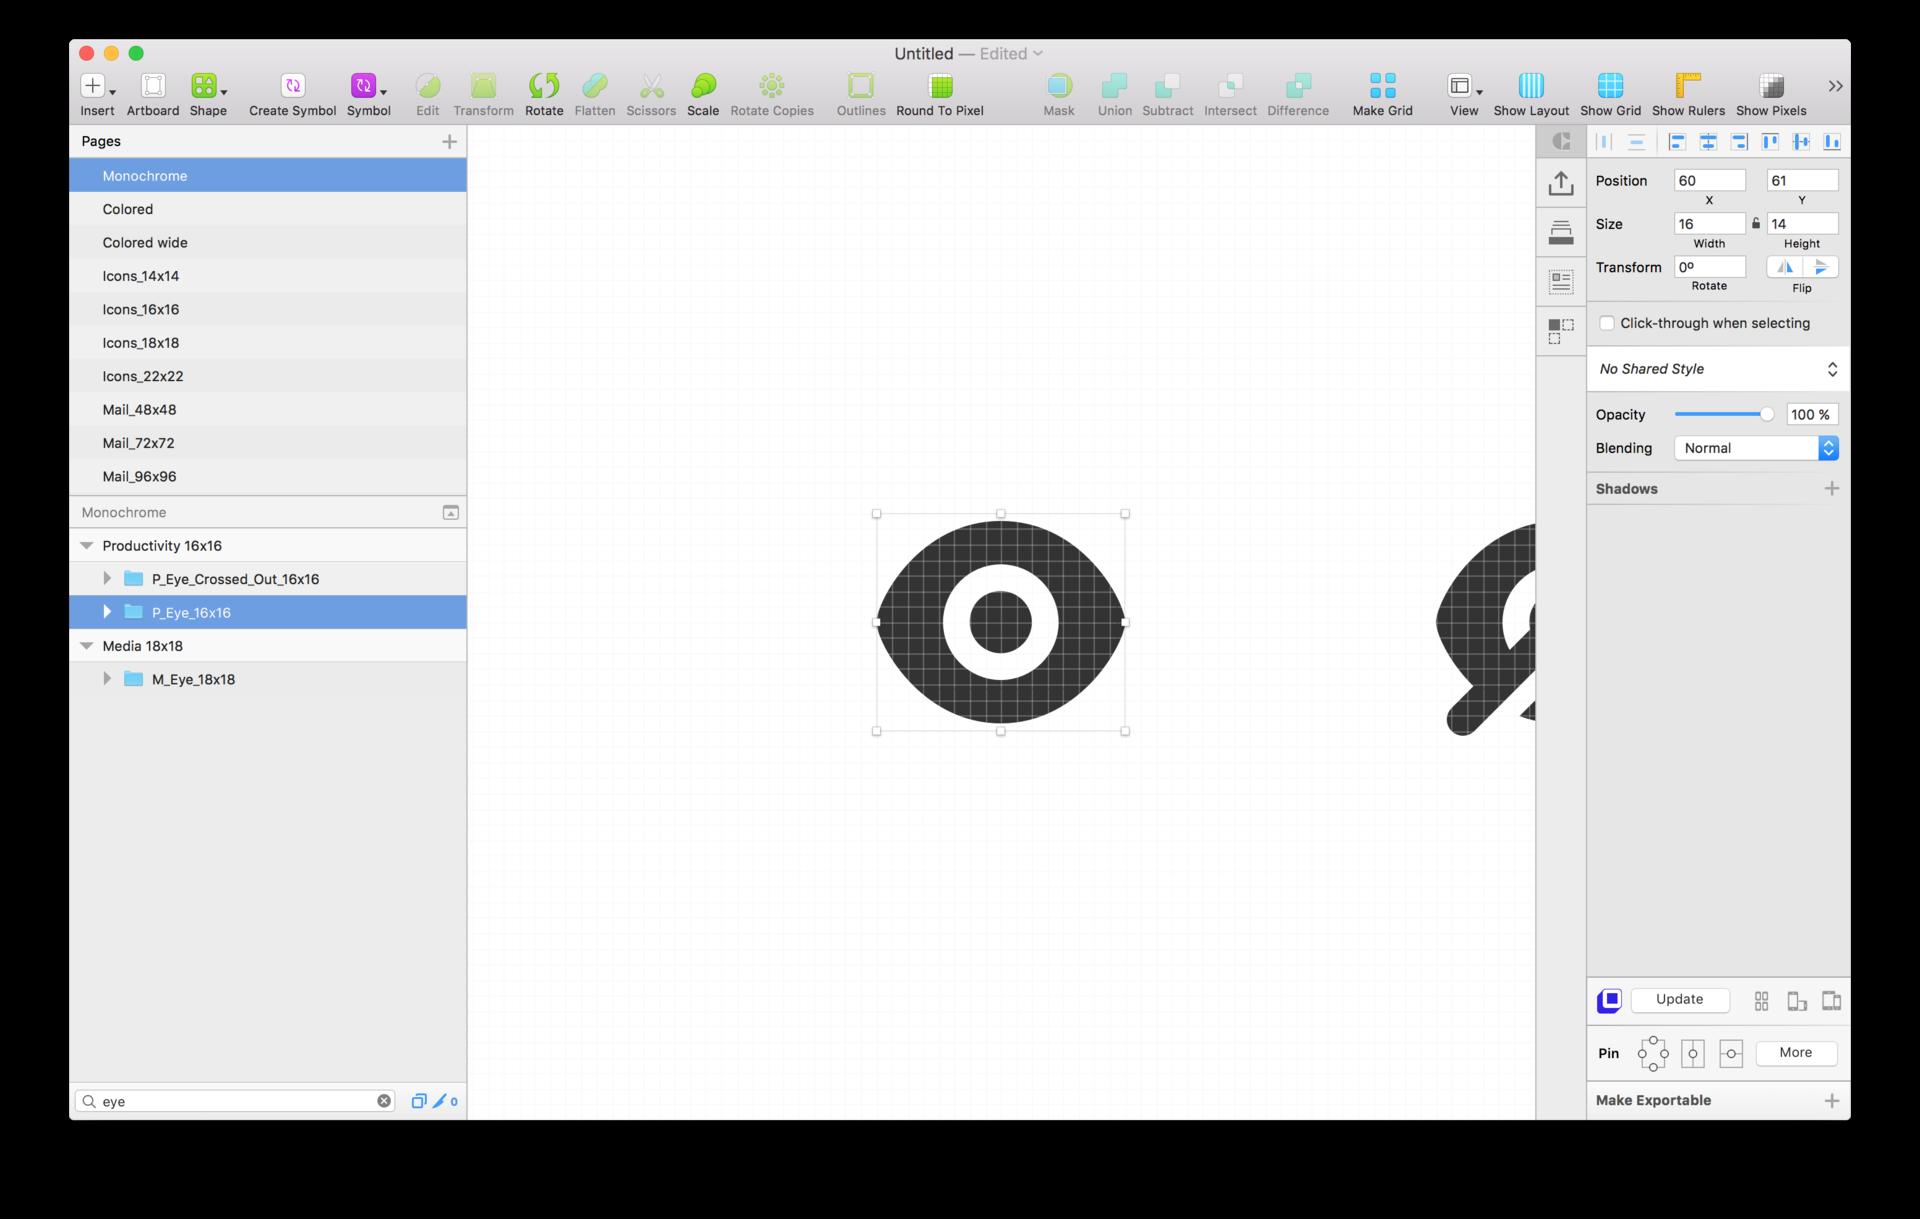 Оптимизация работы портальной дизайн-команды с помощью Sketch и облака - 13